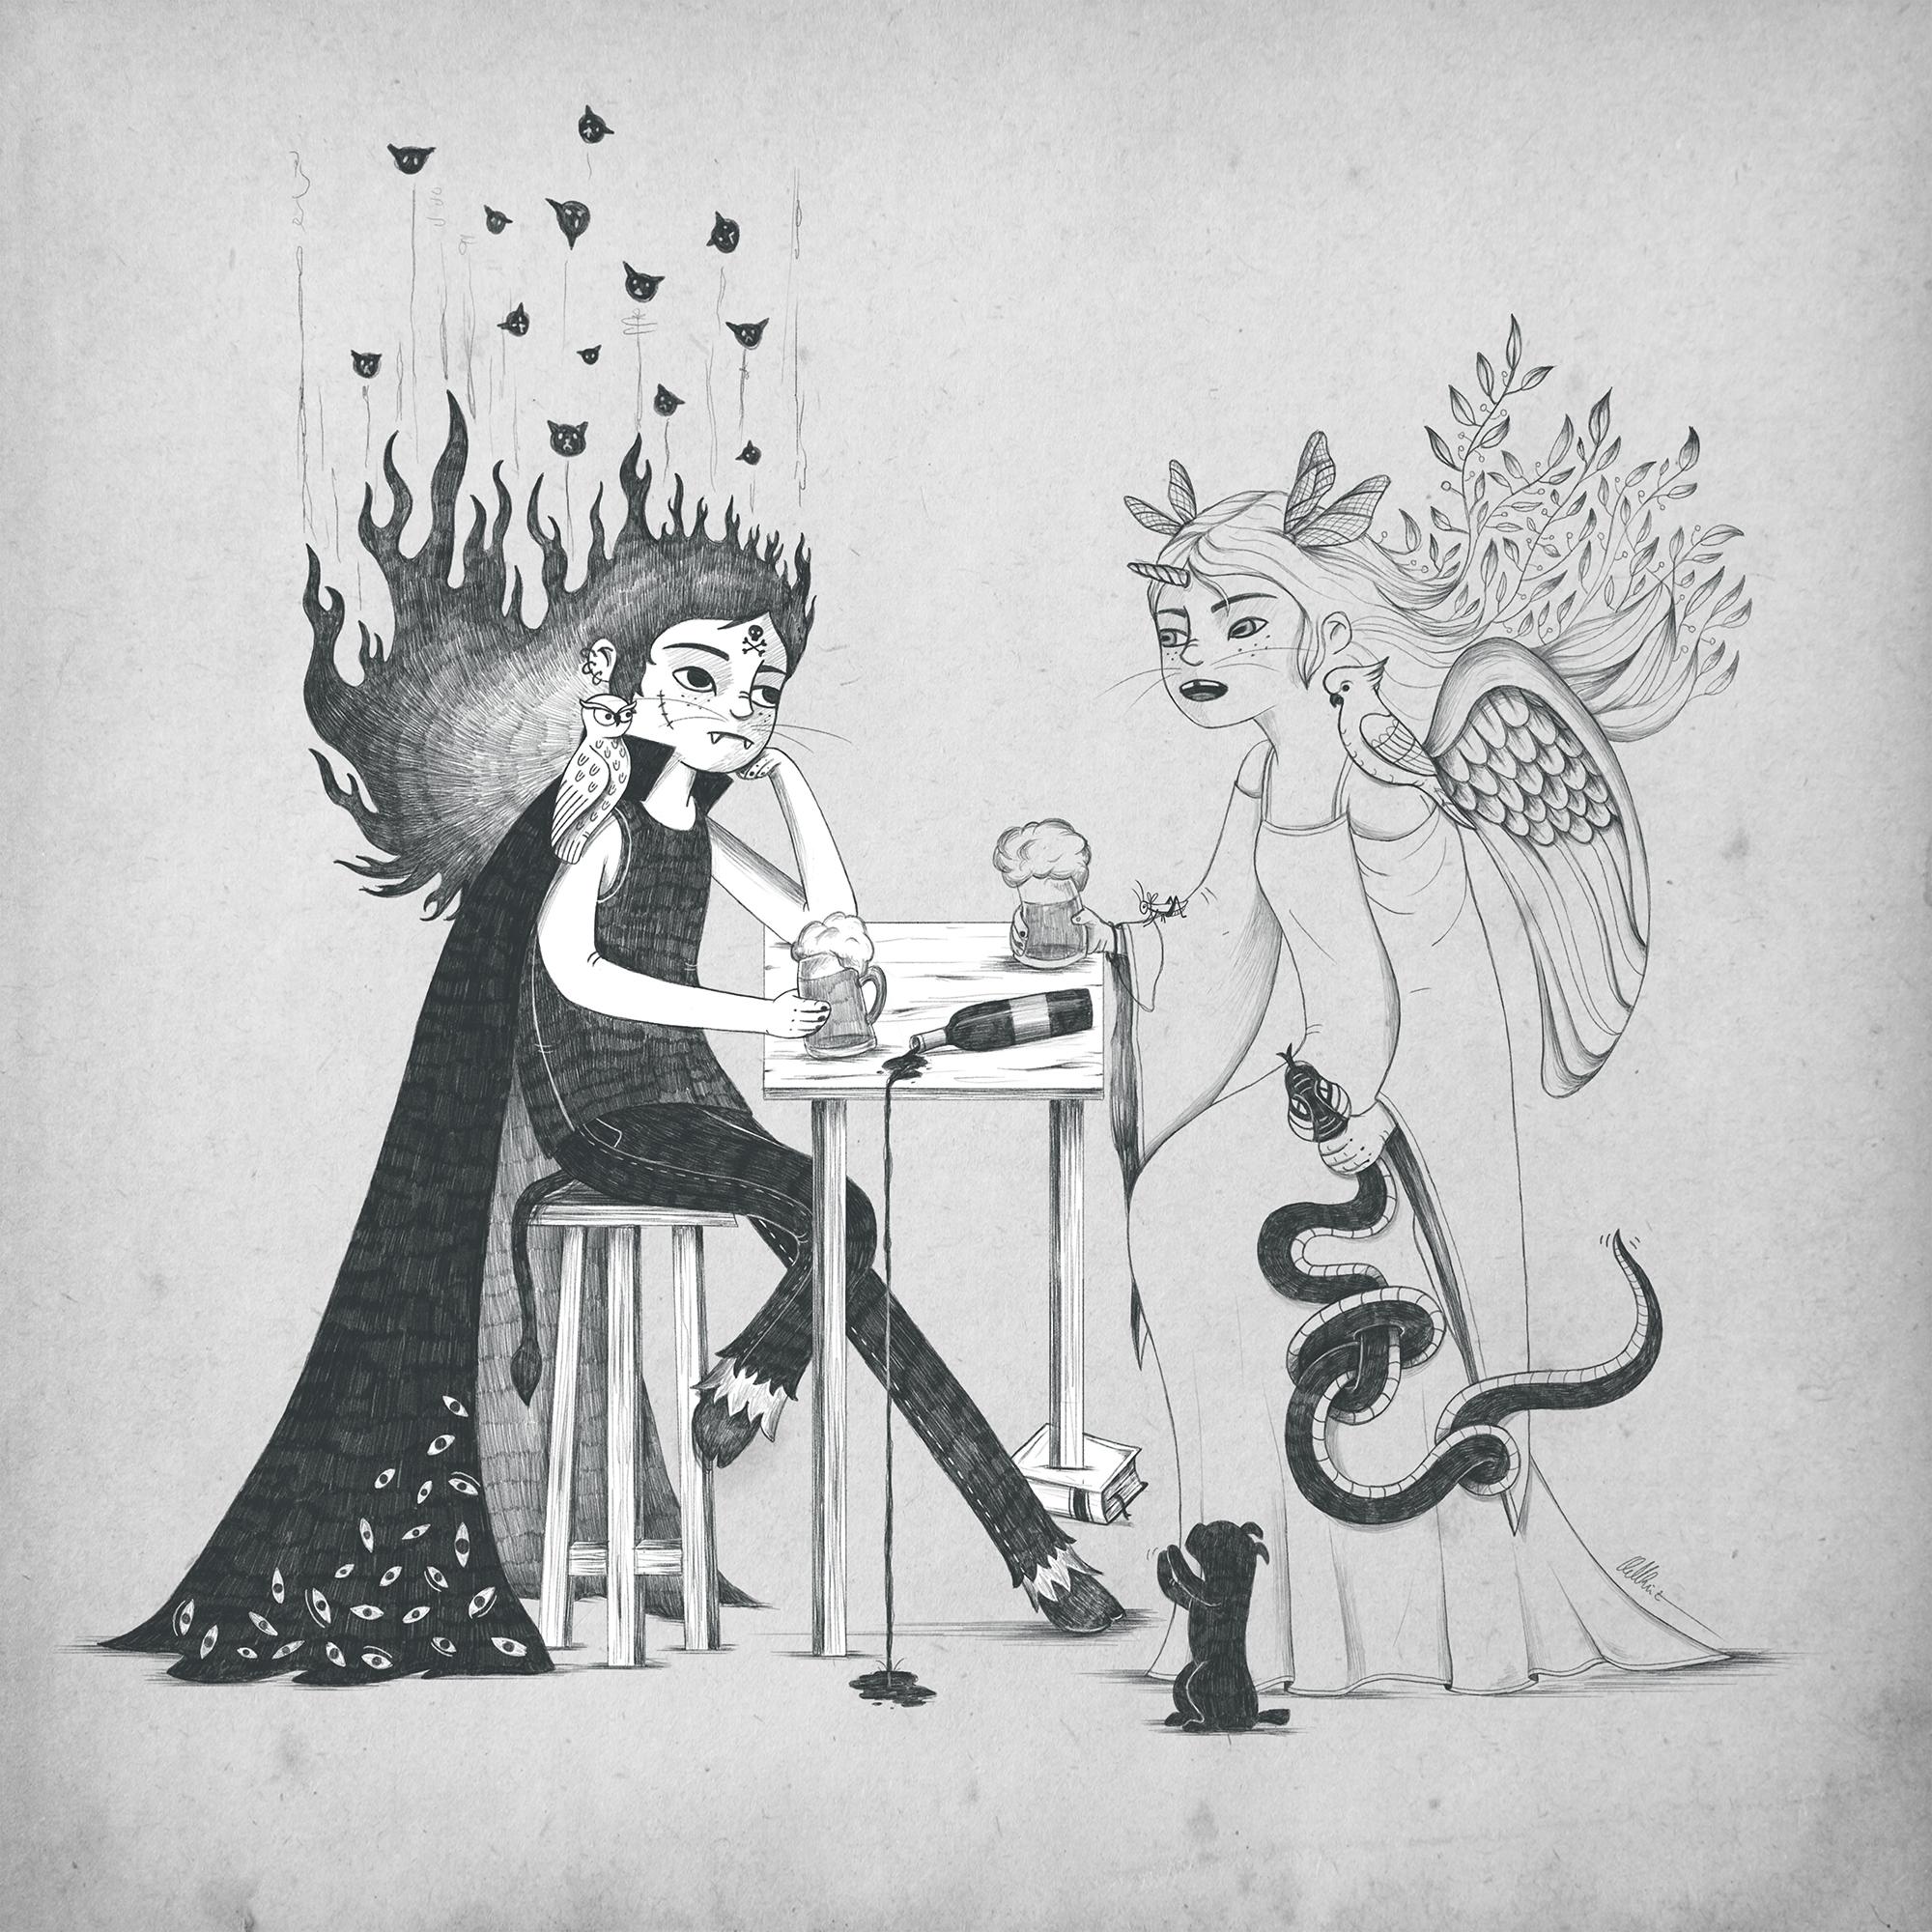 Ilustración del reto de dibujo